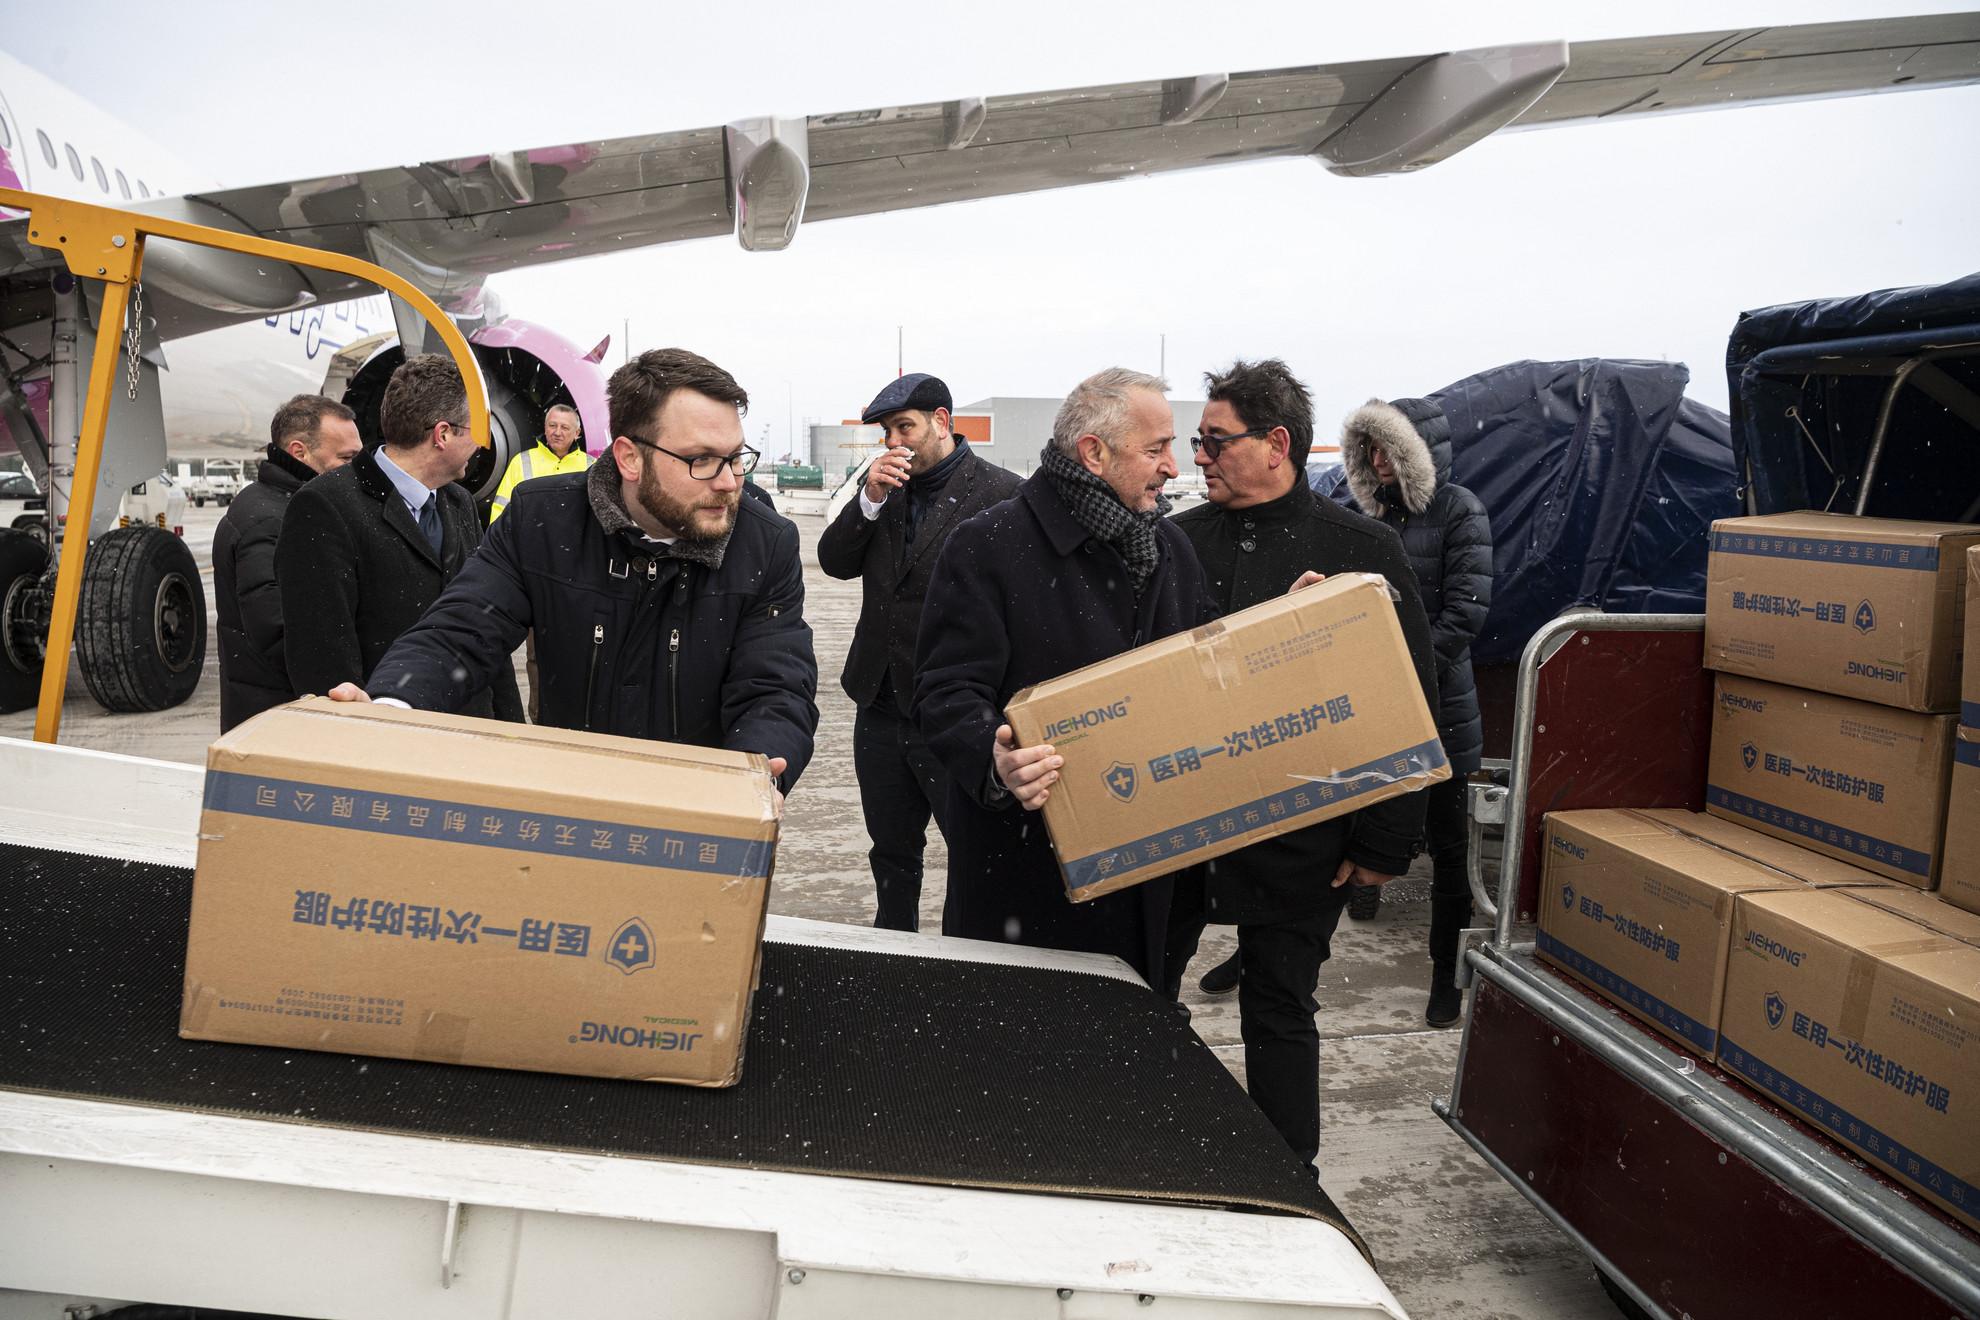 Schanda Tamás, az Innovációs és Technológiai Minisztérium (ITM) parlamenti és stratégiai államtitkára, Gondos Miklós, az Állami Egészségügyi Ellátó Központ főigazgatója és Merkely Béla, a Semmelweis Egyetem rektora (b-j) segít a Wizz Air Sanghajból érkezett repülőgép szállítmányának kipakolásában a Liszt Ferenc-repülőtéren 2020. március 23-án